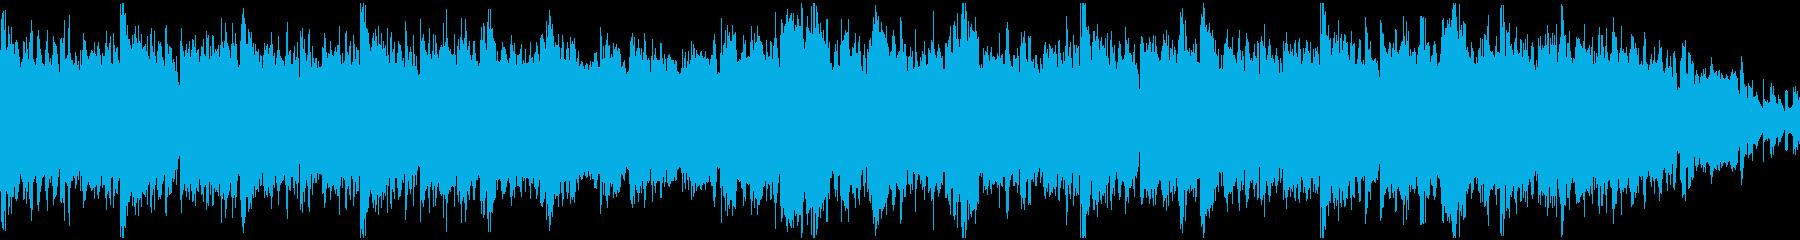 オープニング風企業VP,CM曲ループ可の再生済みの波形